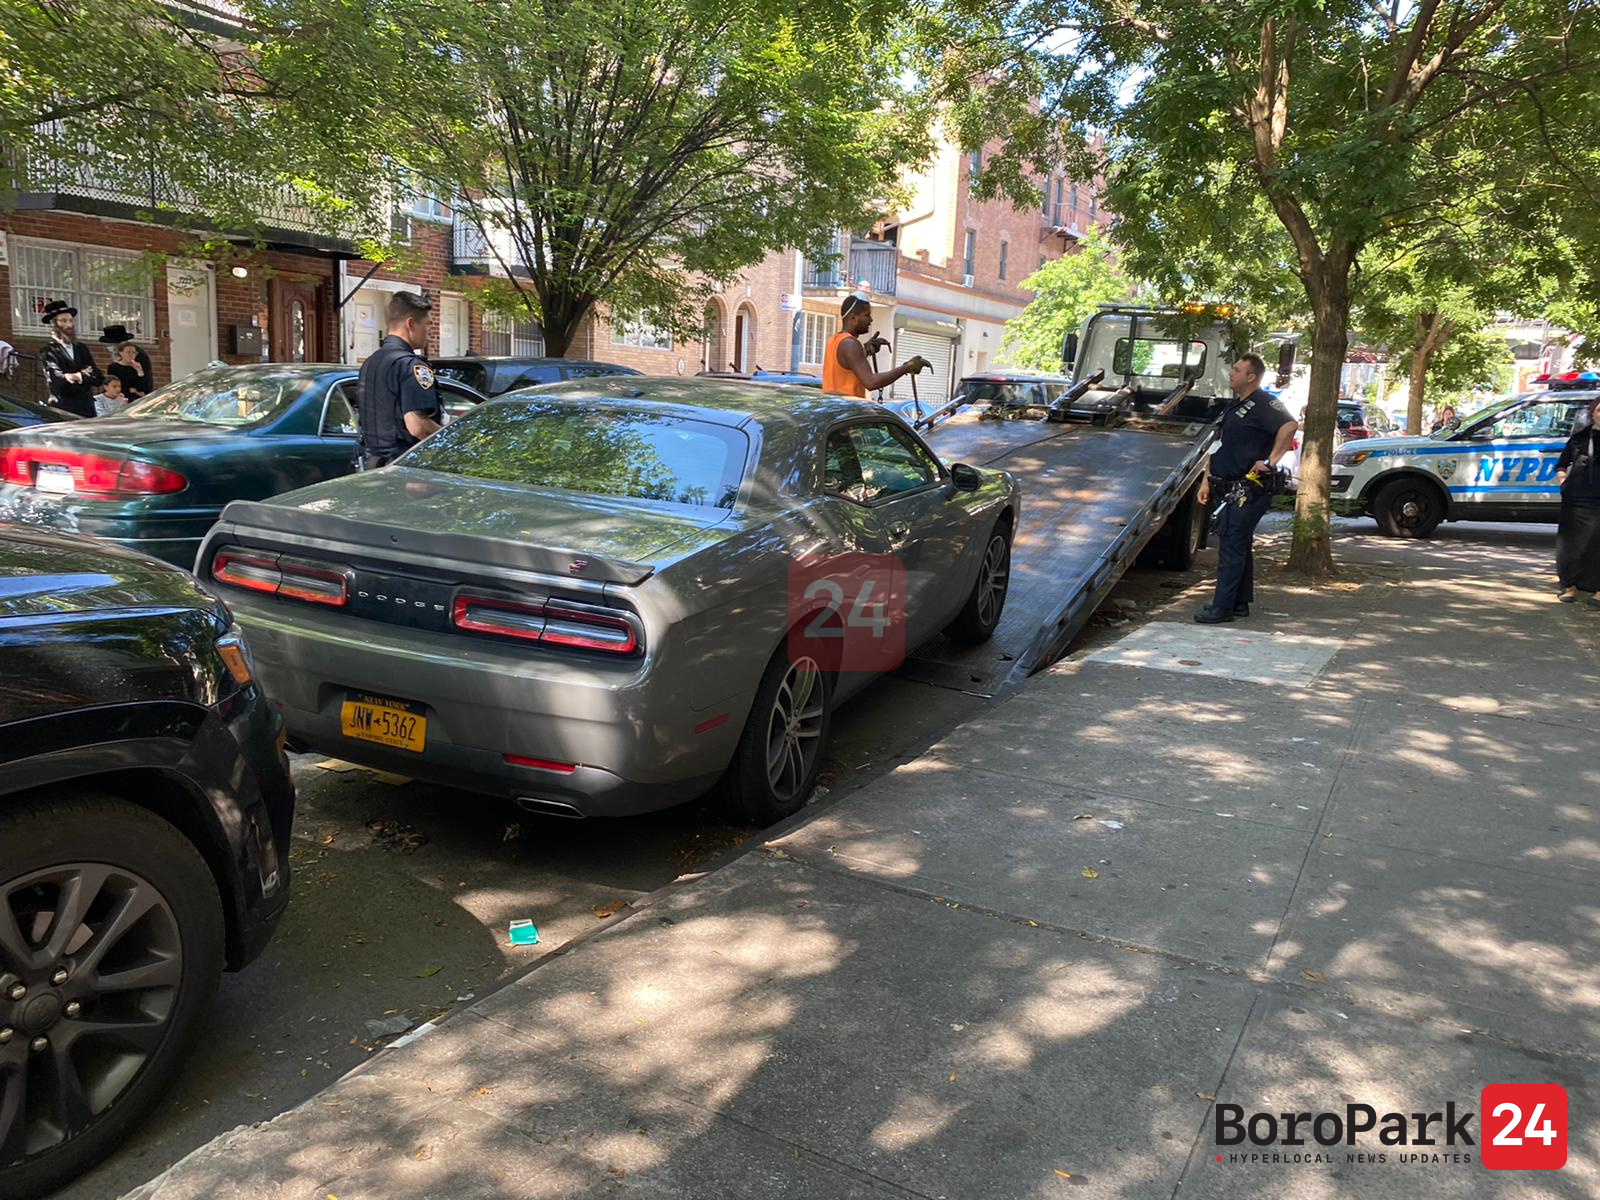 Stolen Car Found and Under Investigation